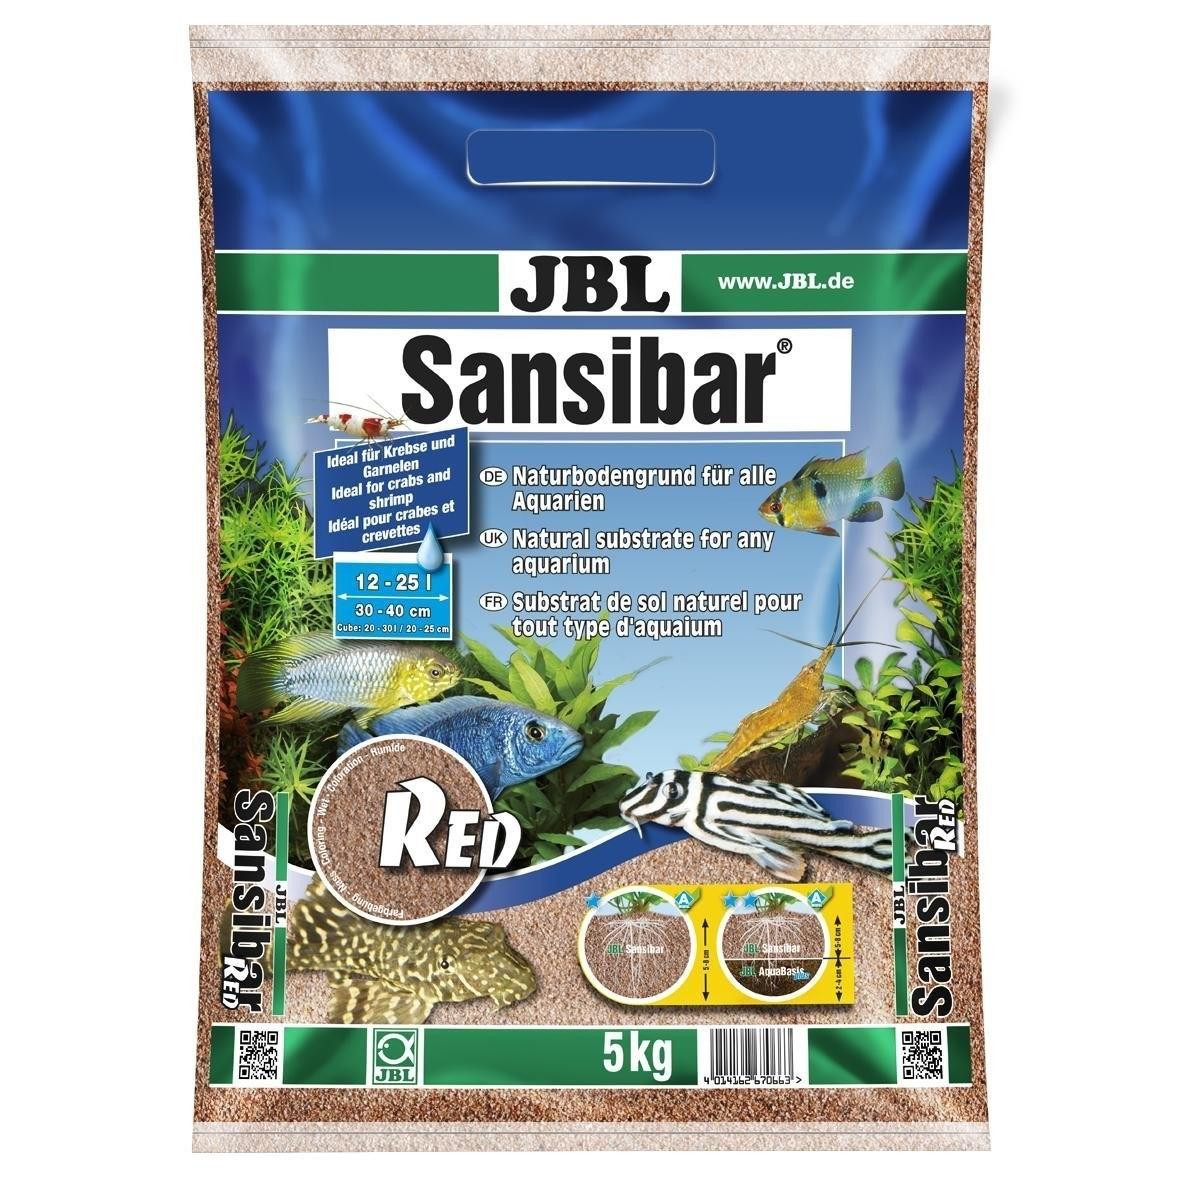 JBL Sansibar RED Bodengrund für Süß- und Meerwasser-Aquarien, 5kg